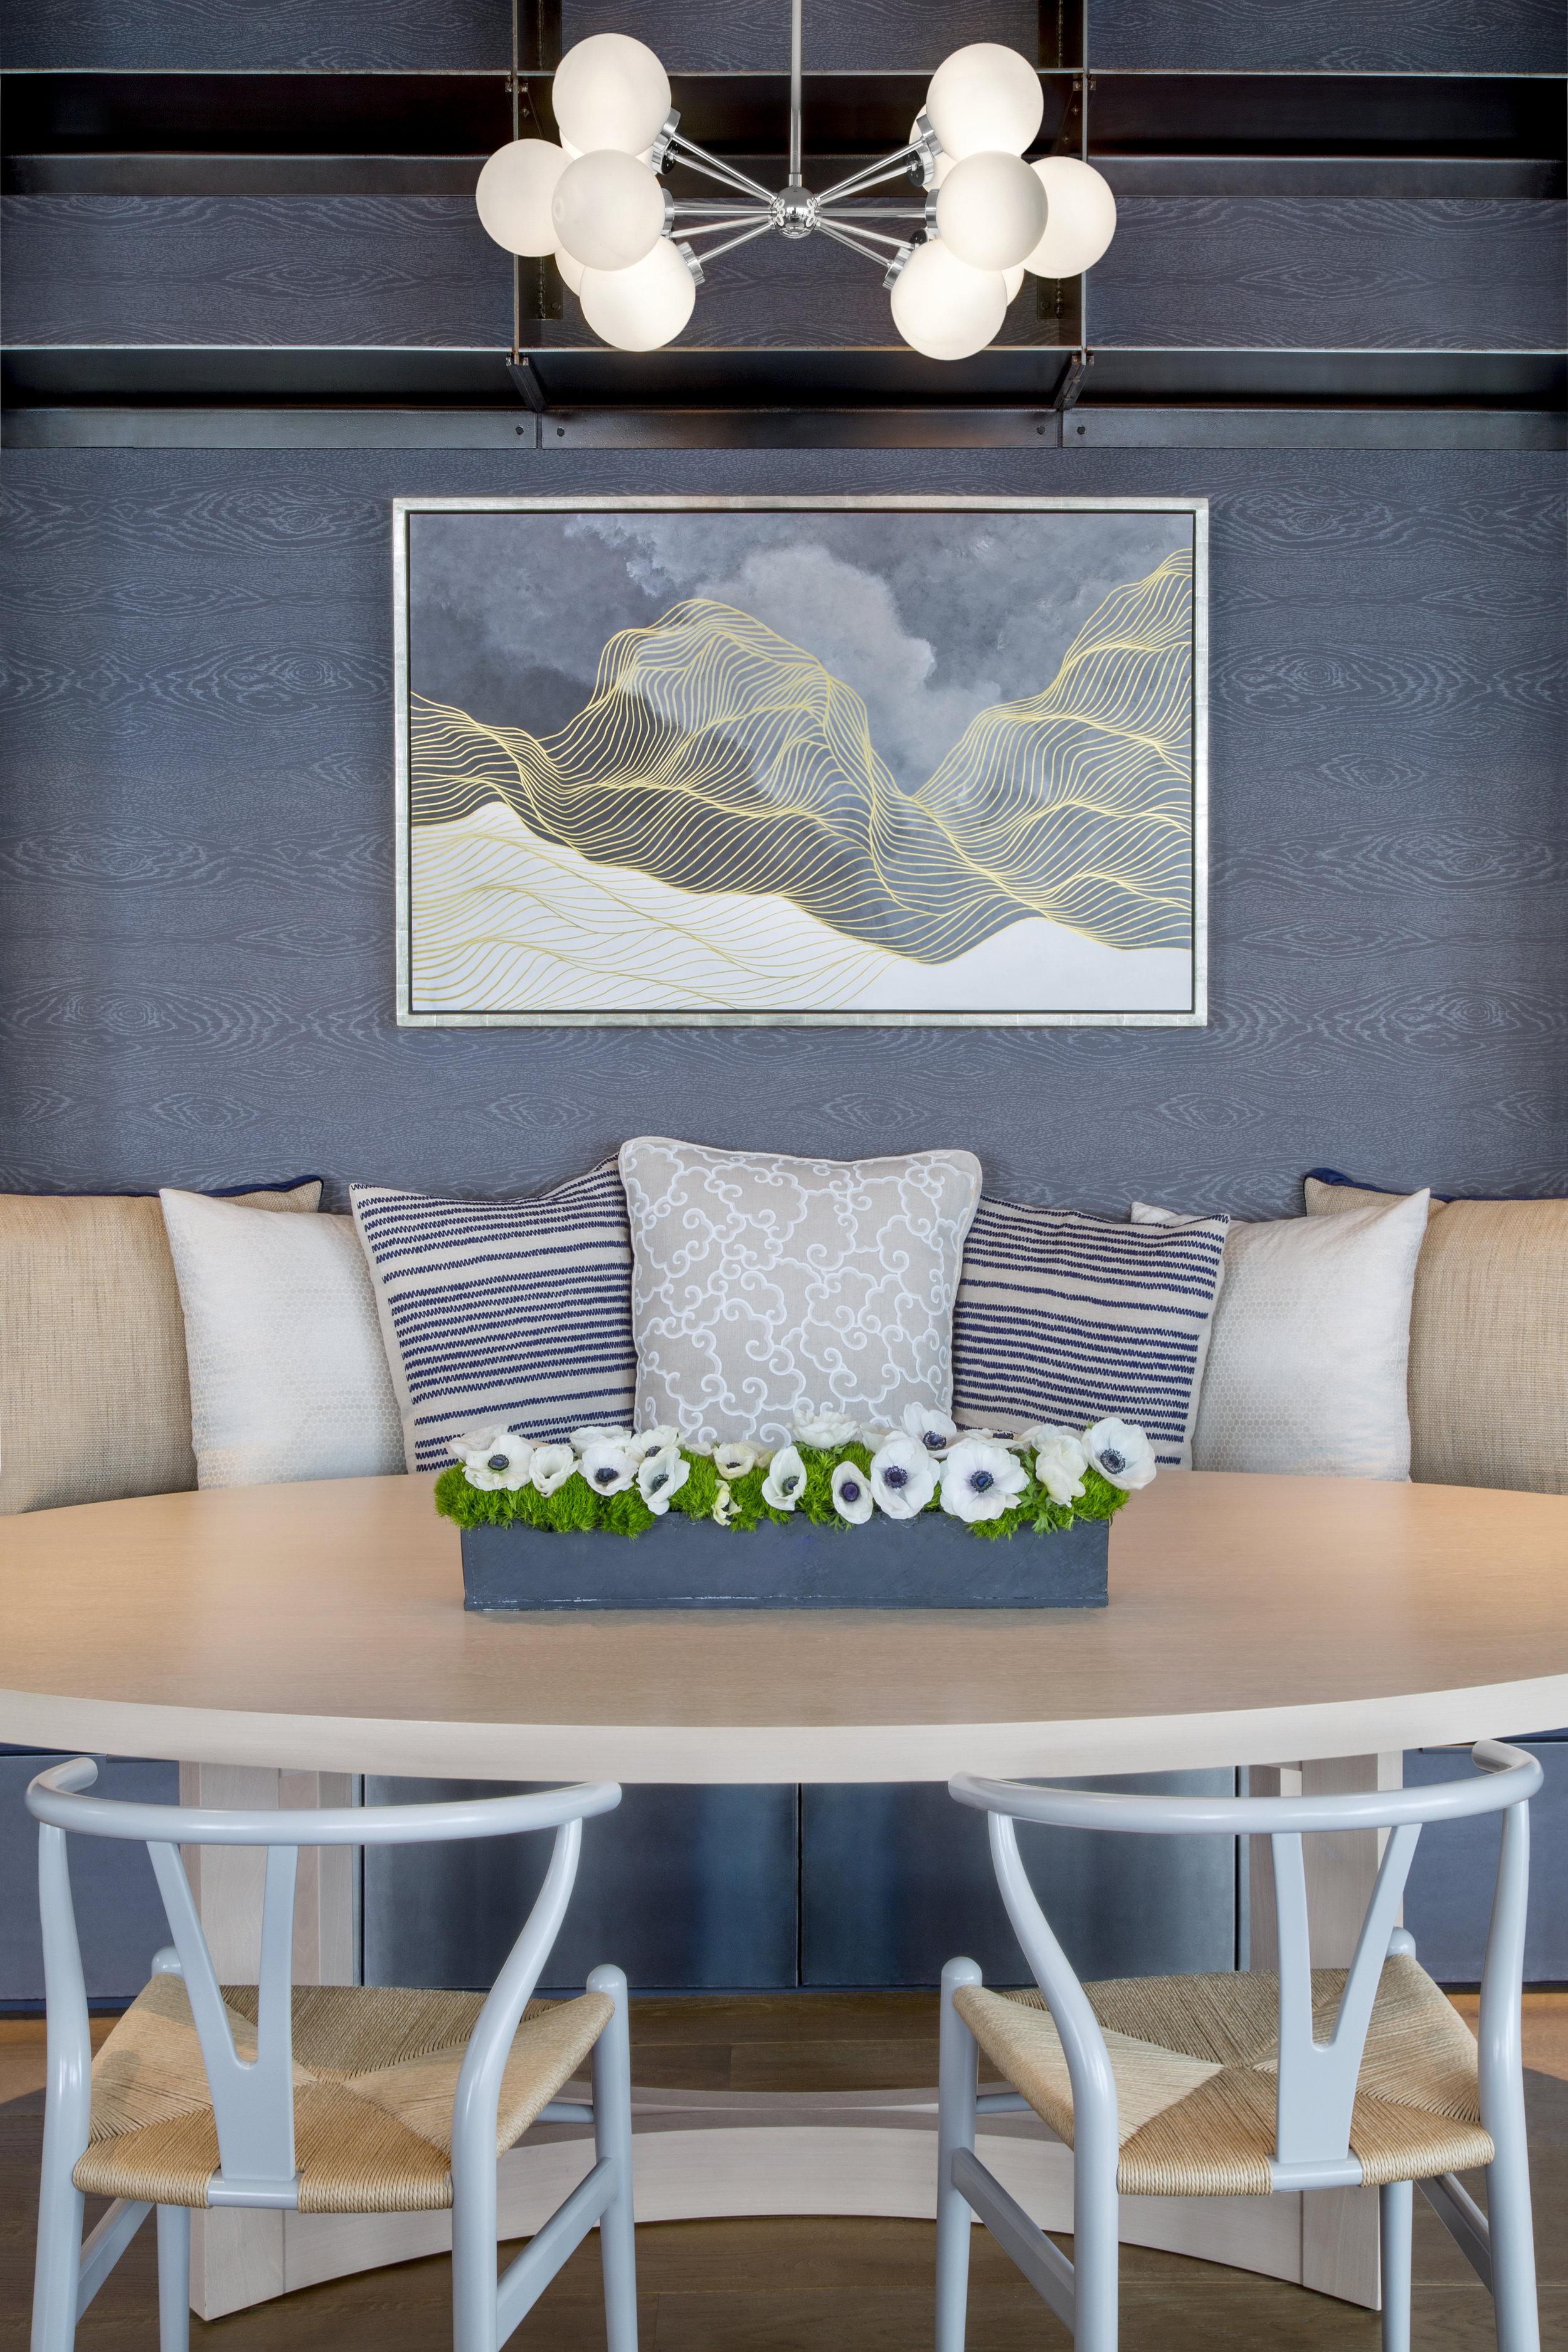 Art Lover's Atelier by Lotus Bleu Design